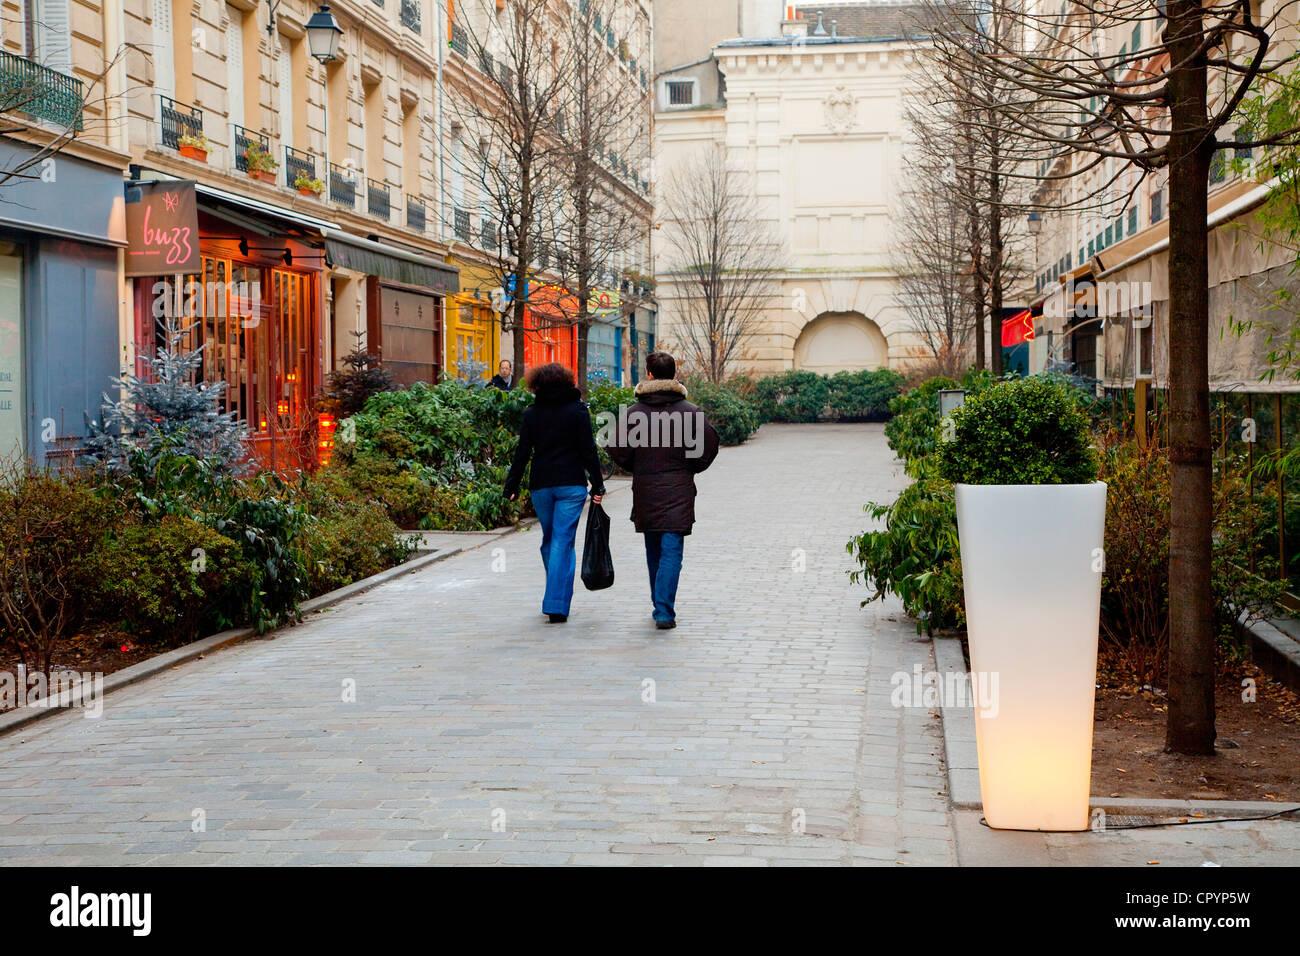 France, Paris, Marais District, Rue du Tresor - Stock Image